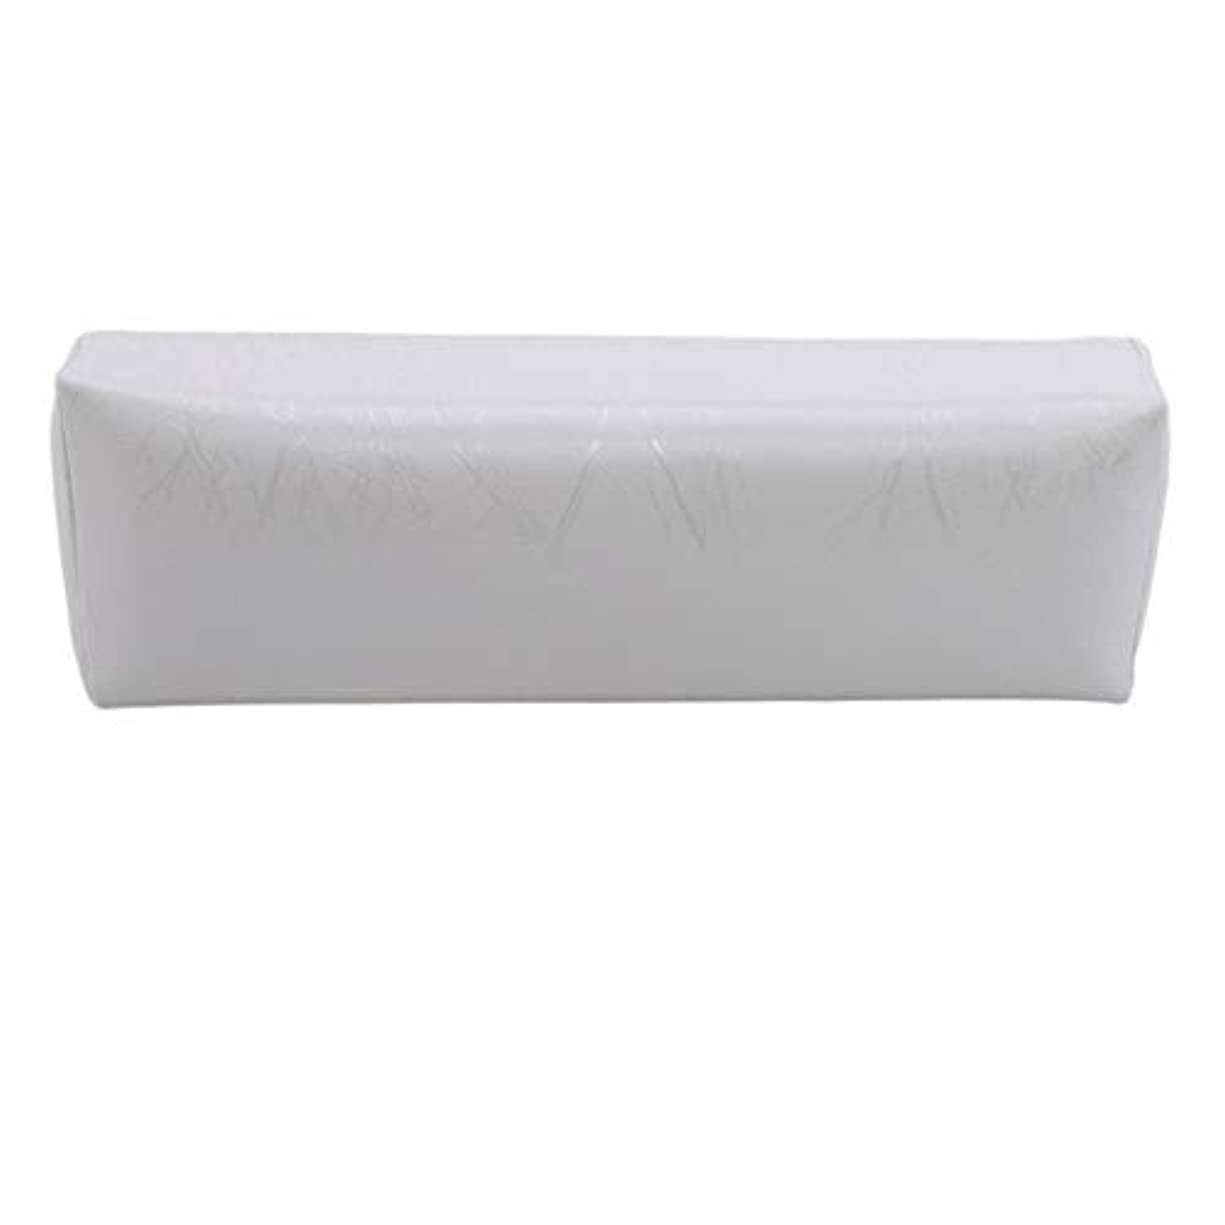 皿砂の手入れKXYSLY ネイルアームレスト ネイルアートクッション 枕 アームレストパッドツール プロのネイルアートツール ネイルアート用